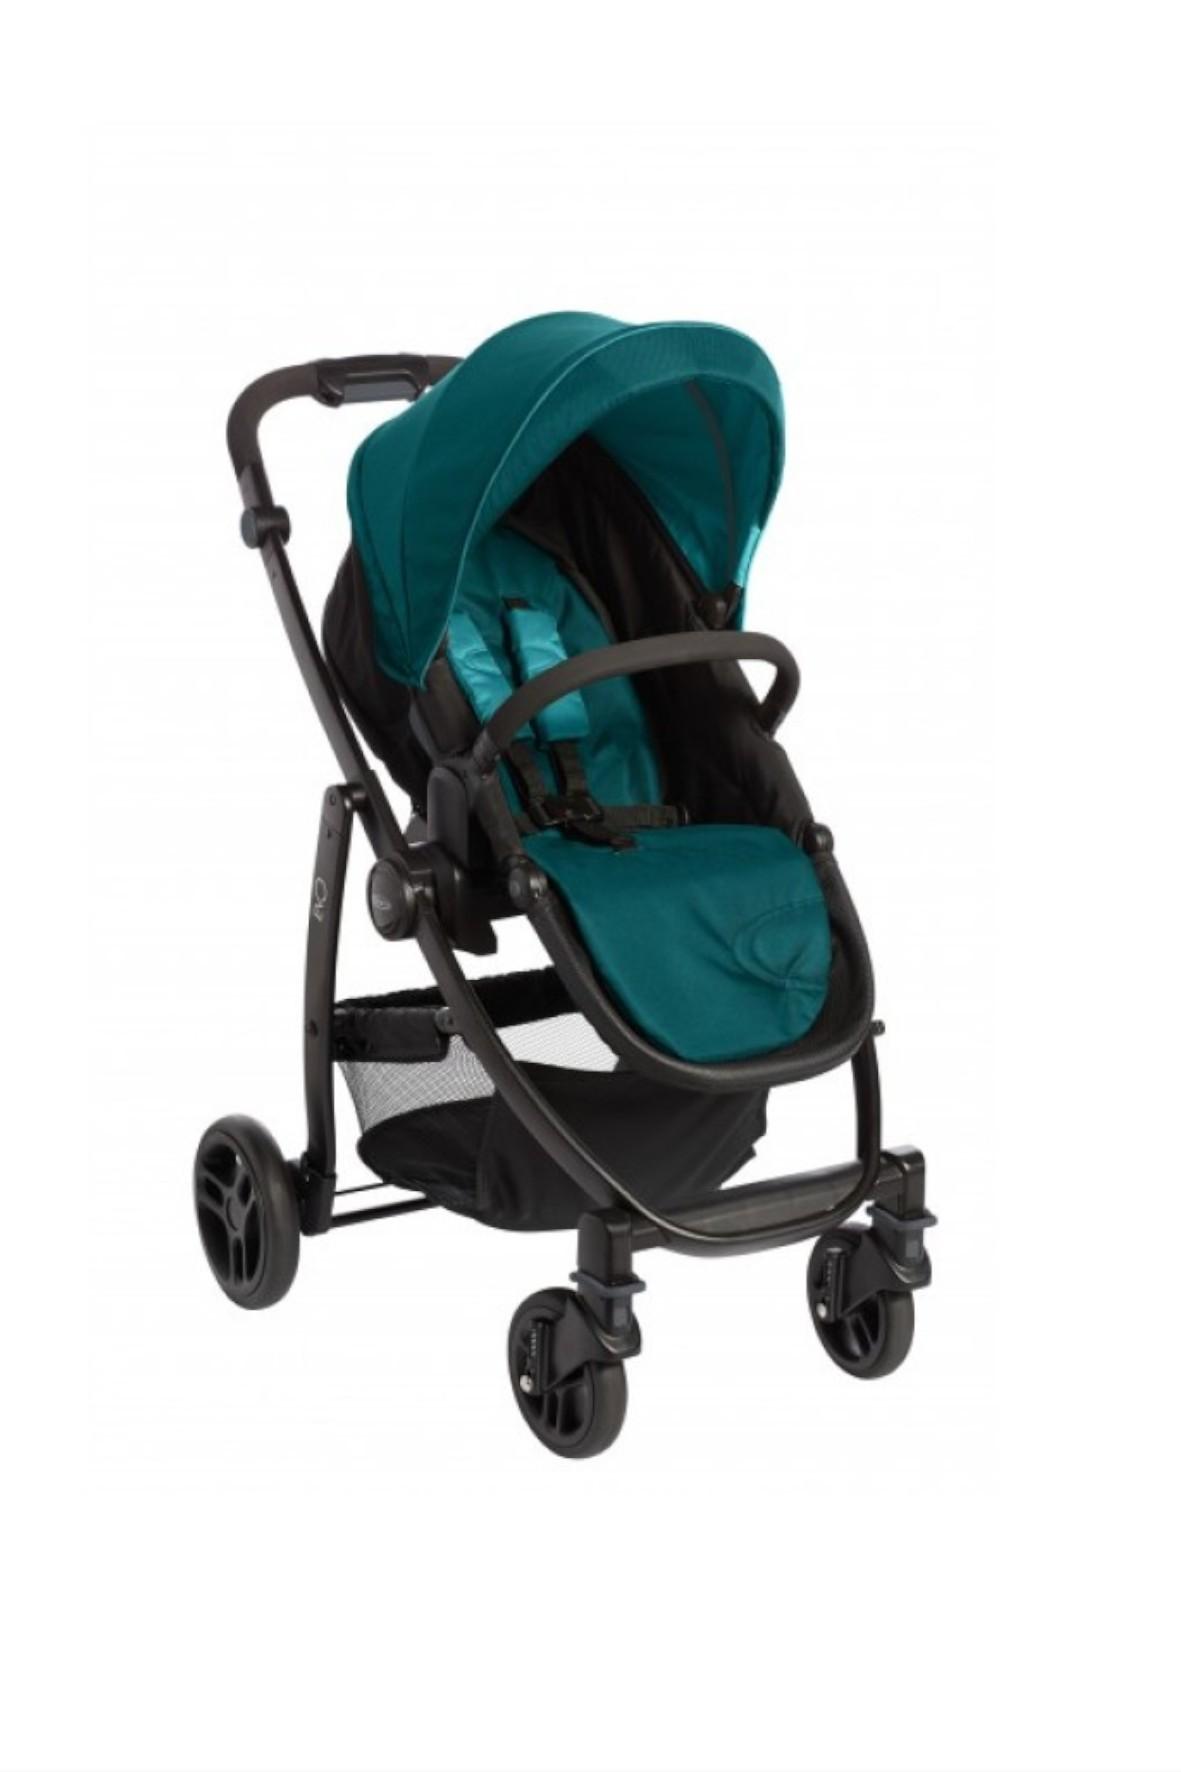 Wózek dla dziecka Graco Evo Harbor Blue